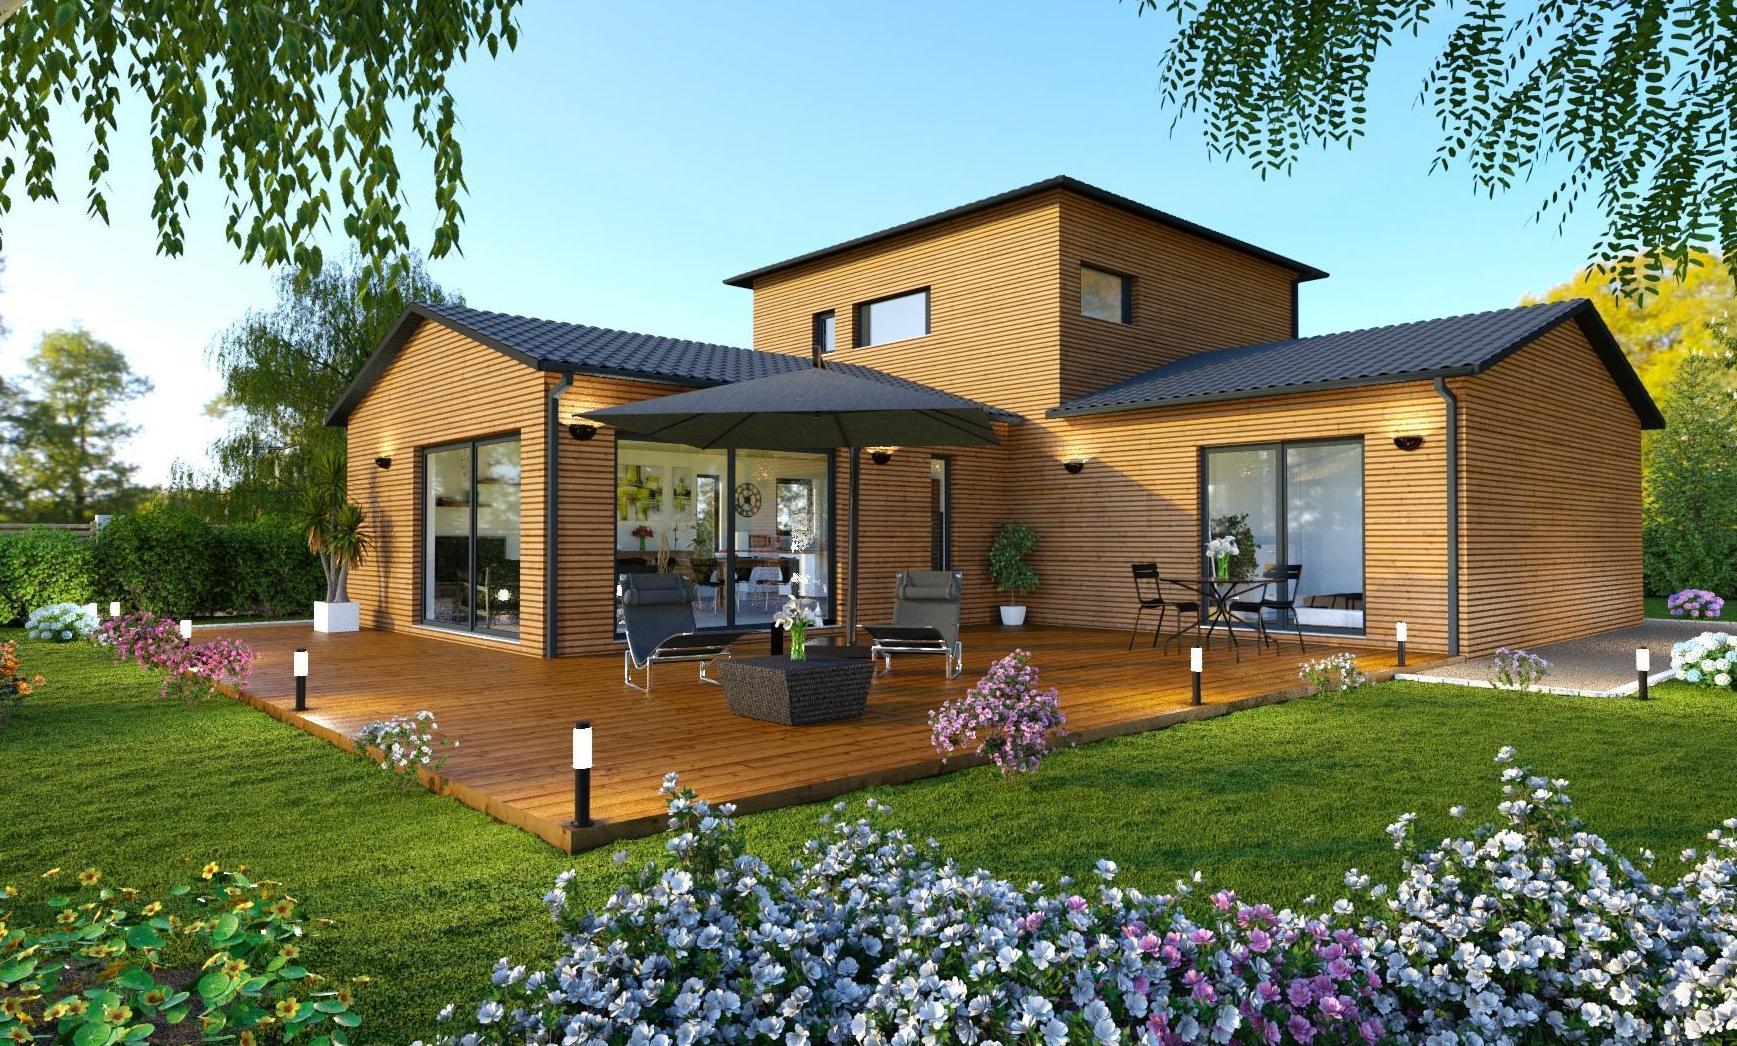 Quel budget prévoir pour construire une maison en bois ?